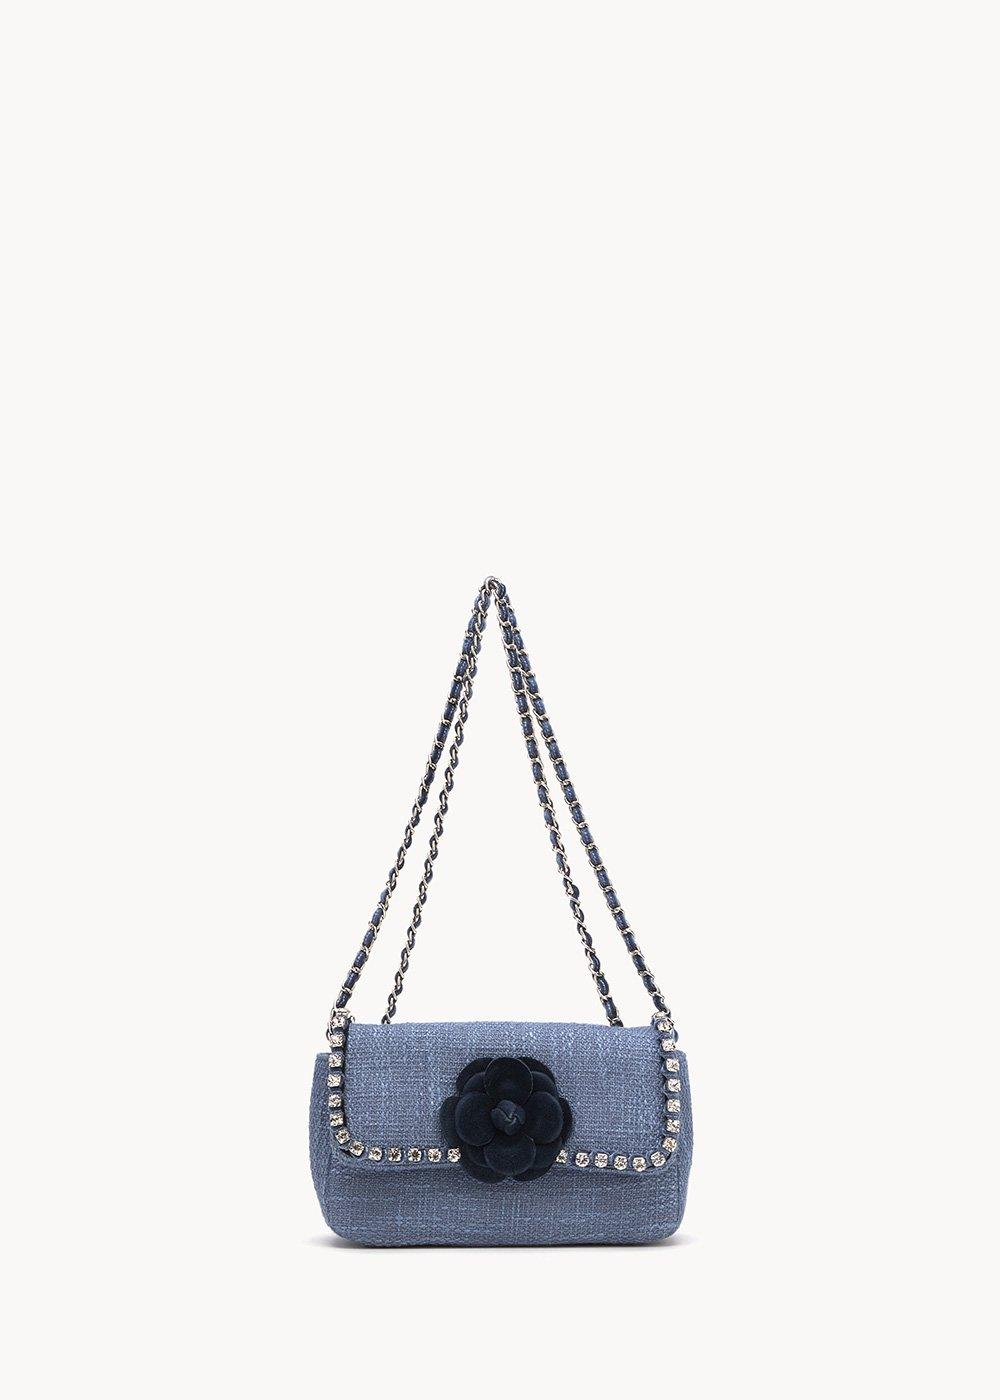 Bally clutch bag with rhinestones and shoulder strap - Fog / Dark Blue - Woman